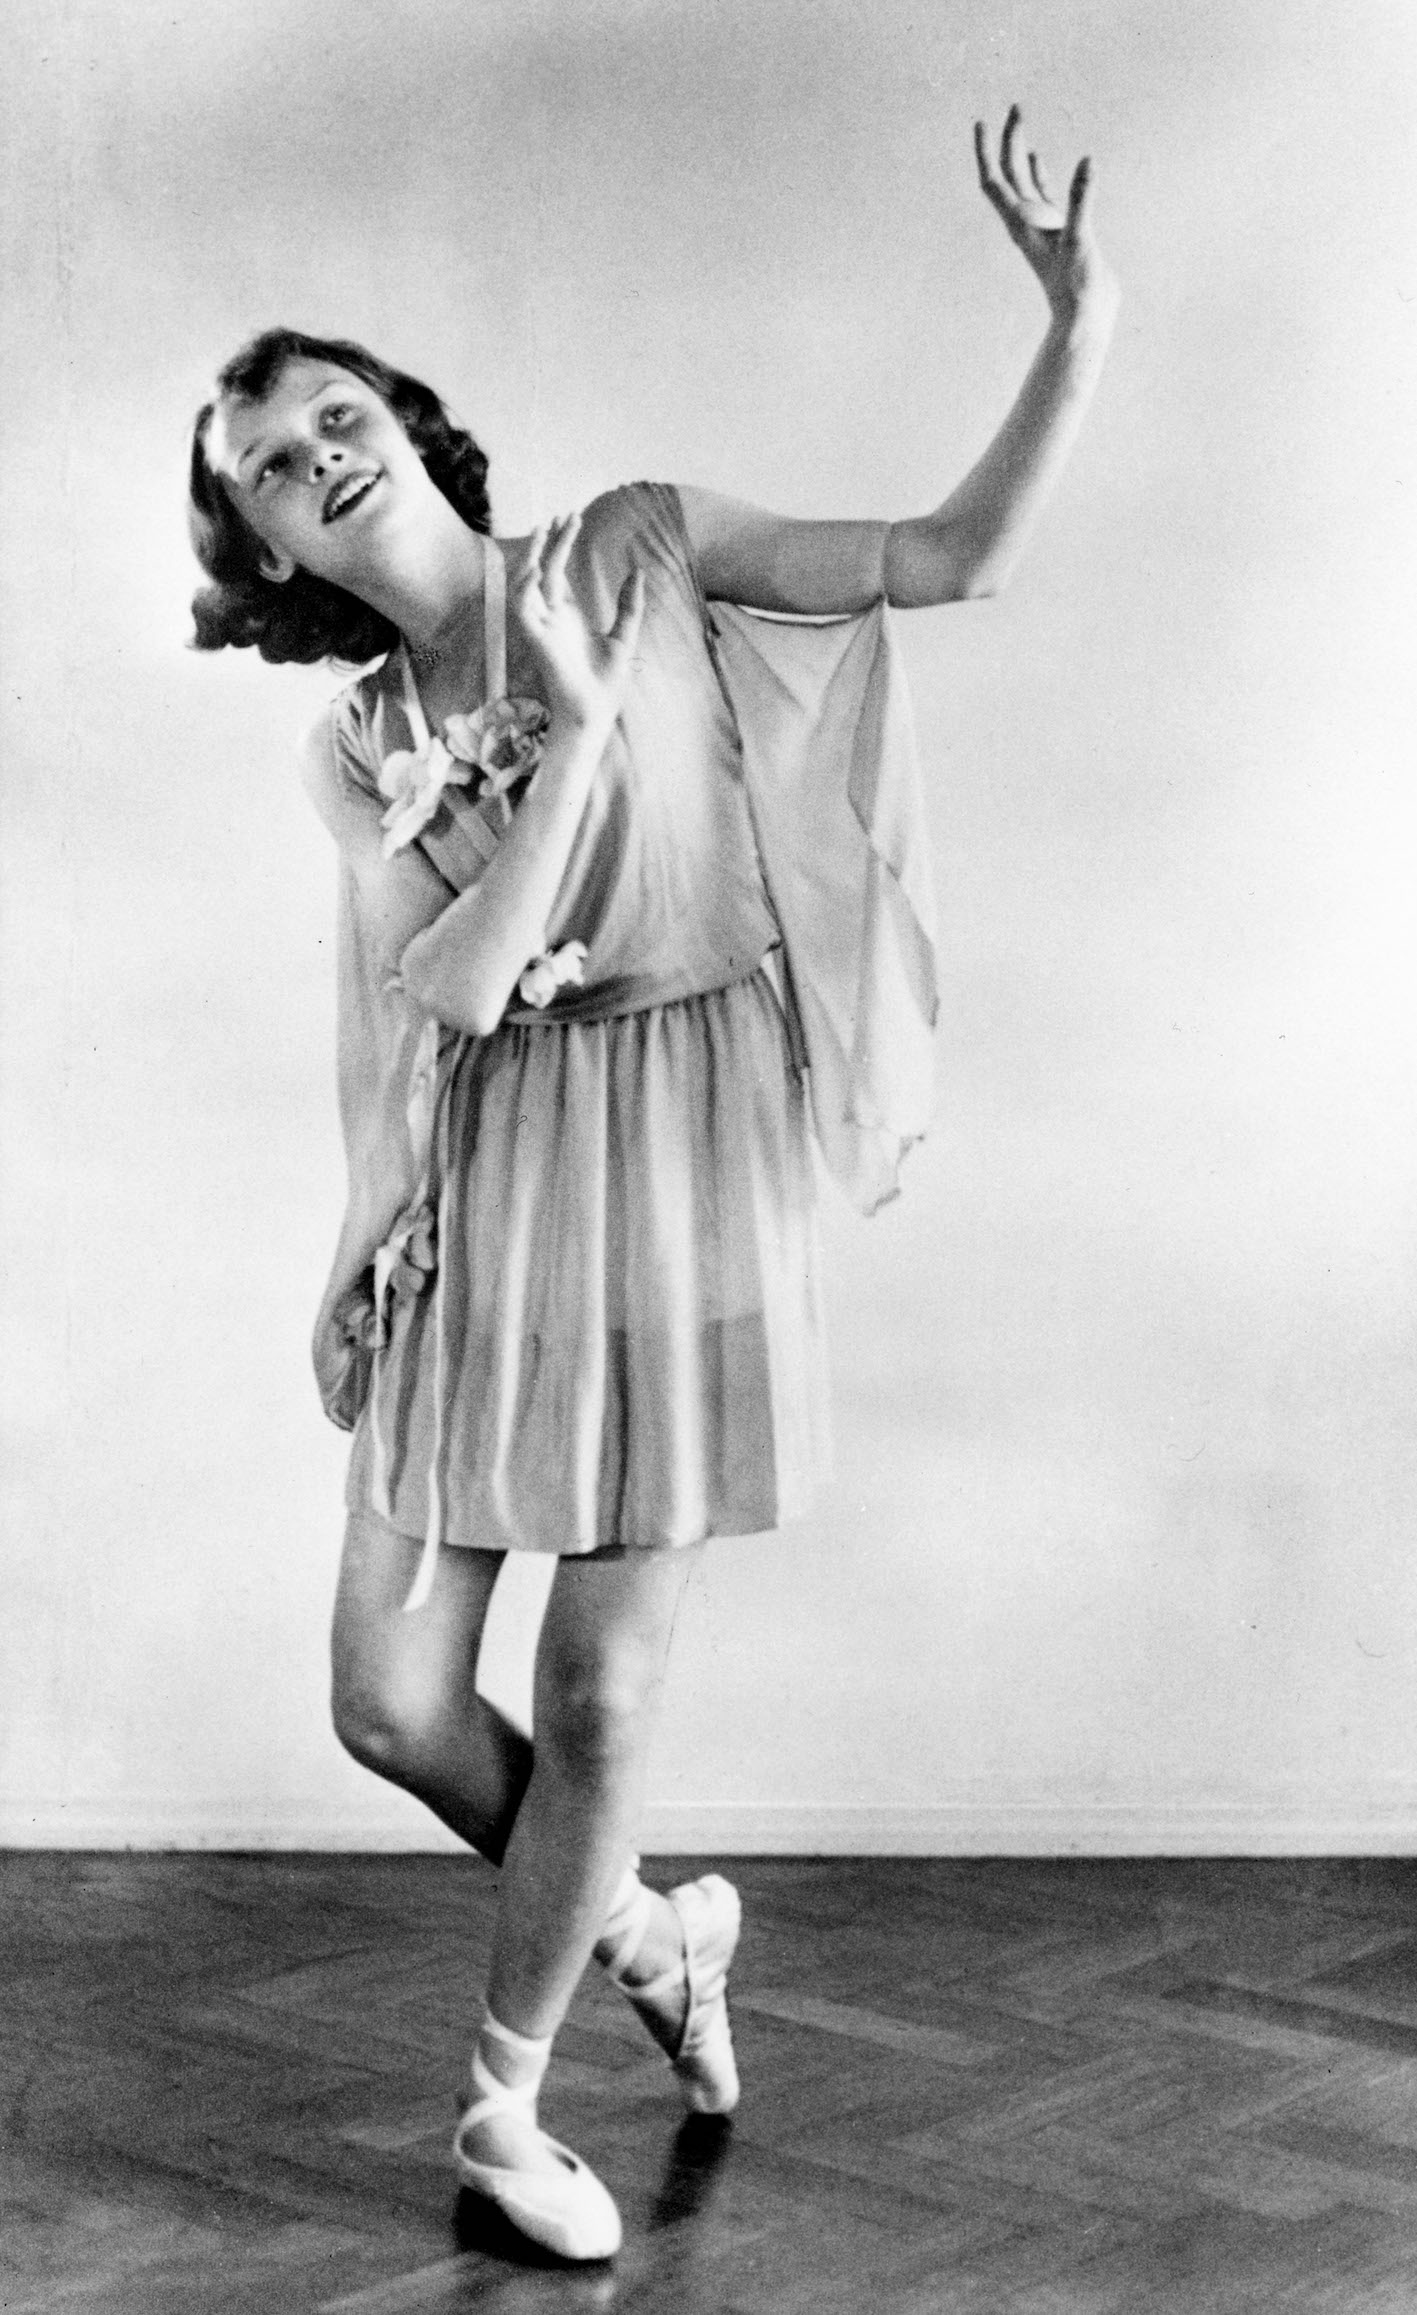 1942 during war, dance shot